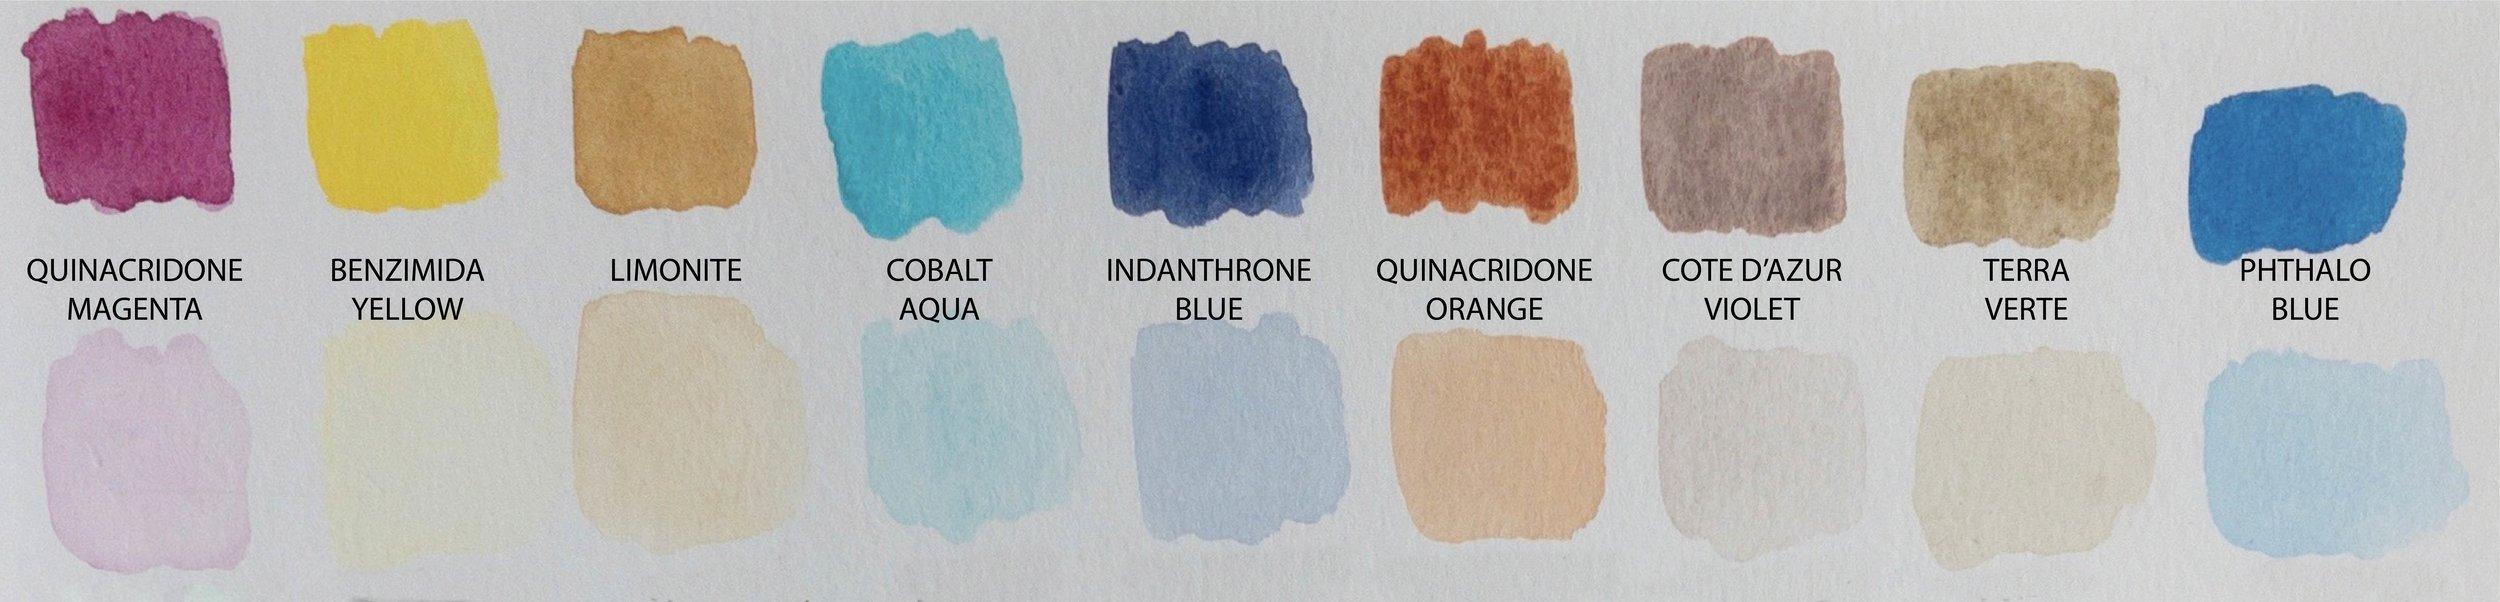 palette candidates.jpg